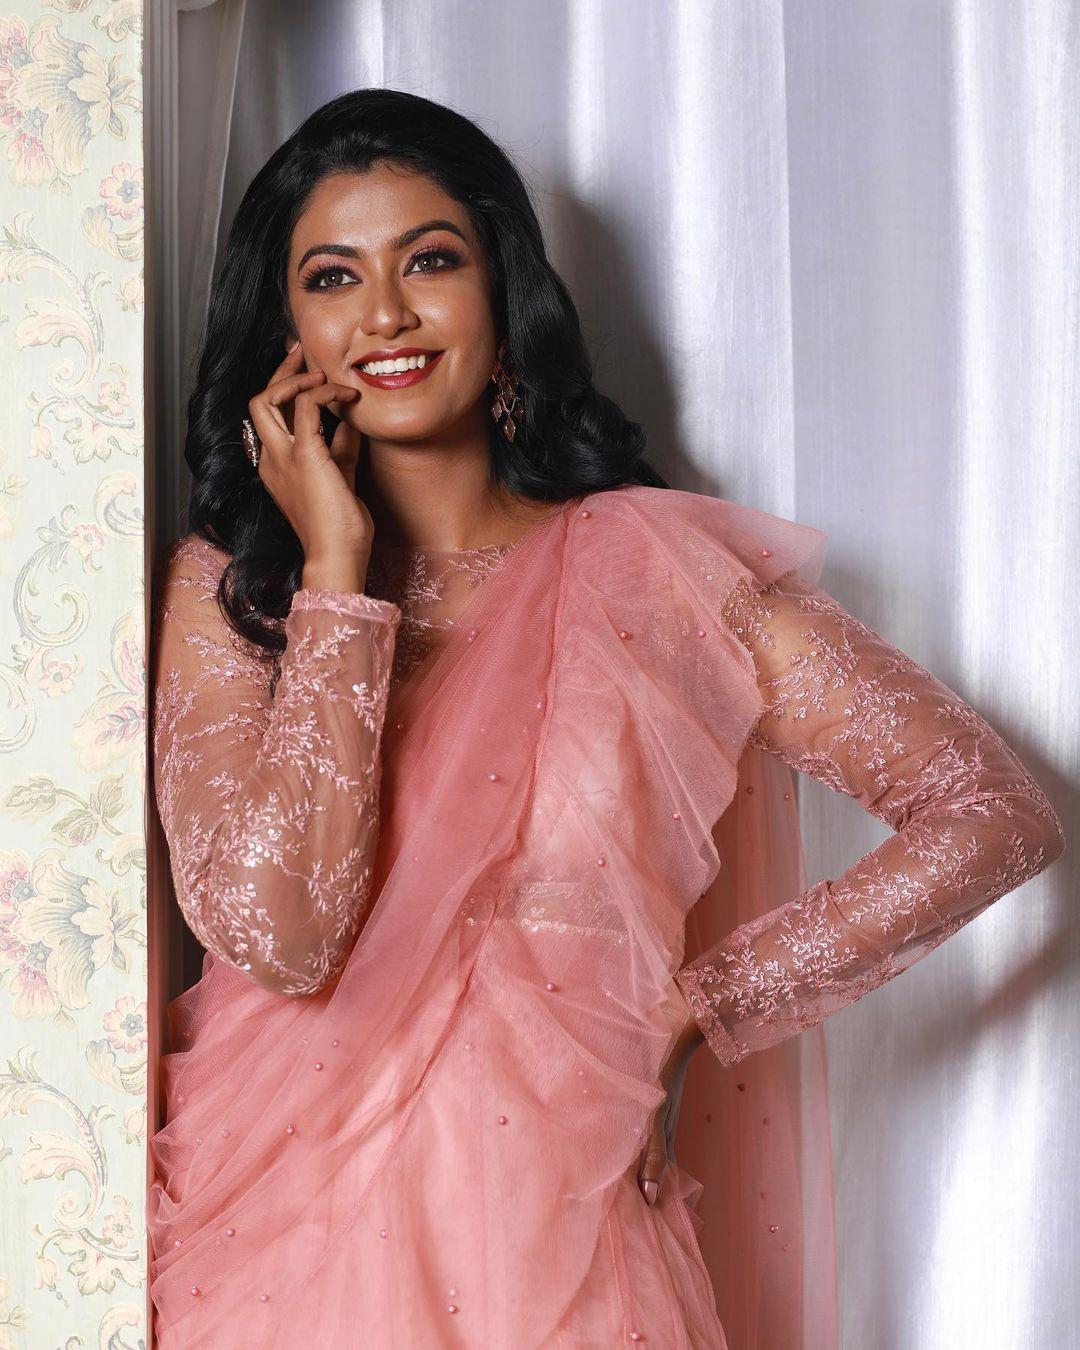 நடிகை ரோஷினி ஹரிபிரியன் ( Image : Instagram @roshniharipriyan)